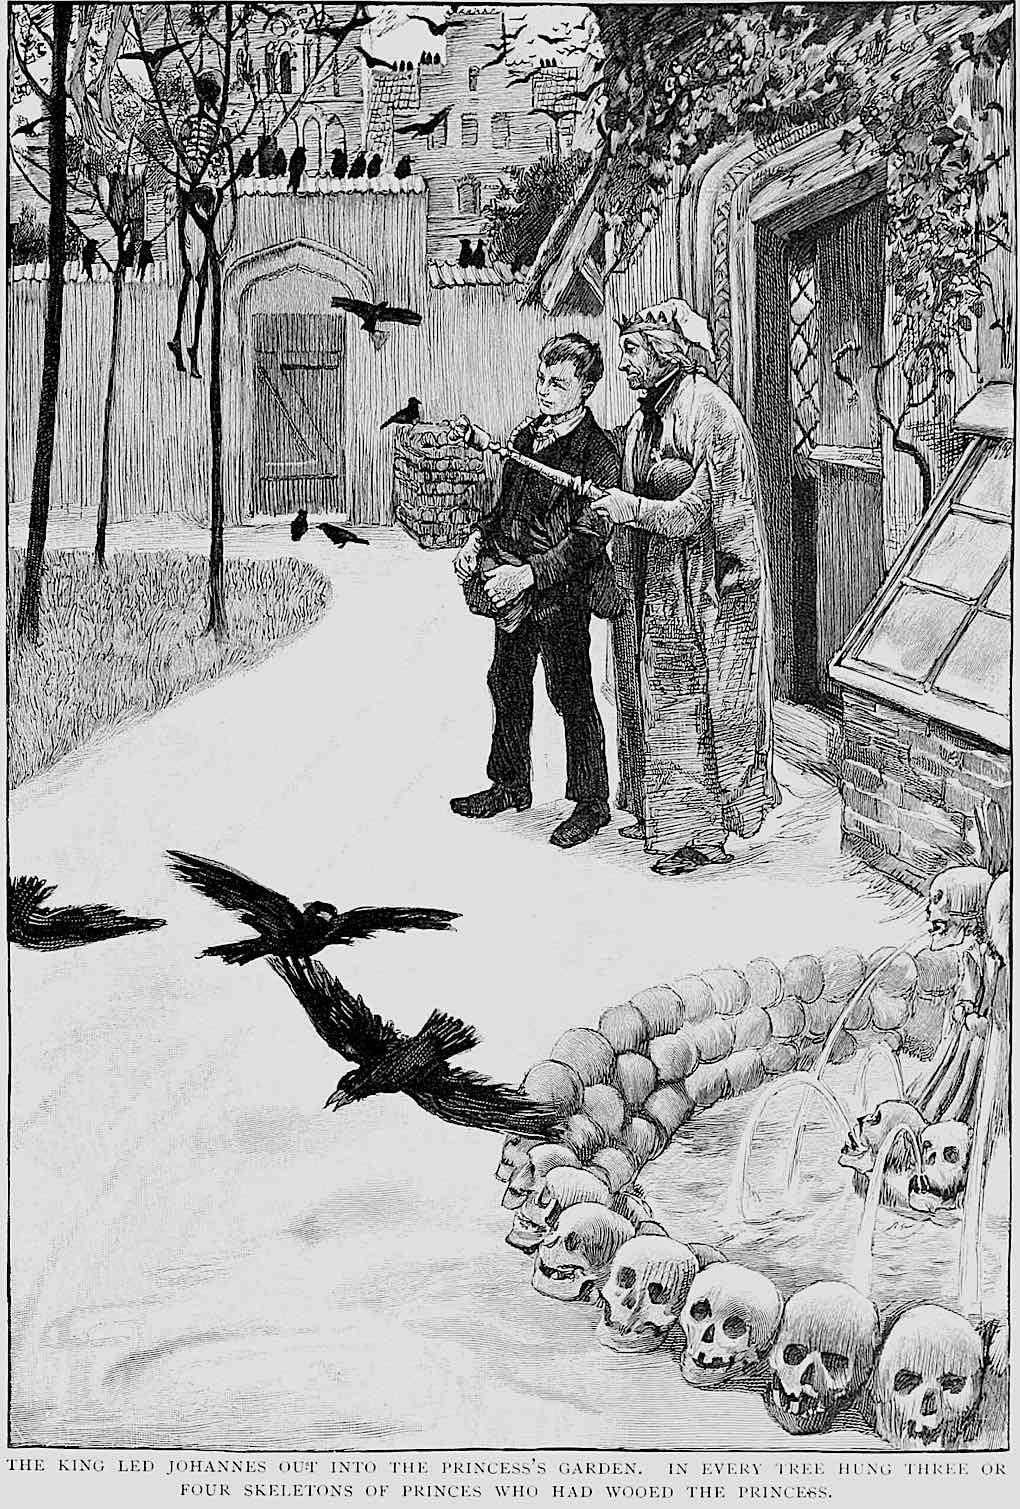 Hans Tegner 1900 illustration